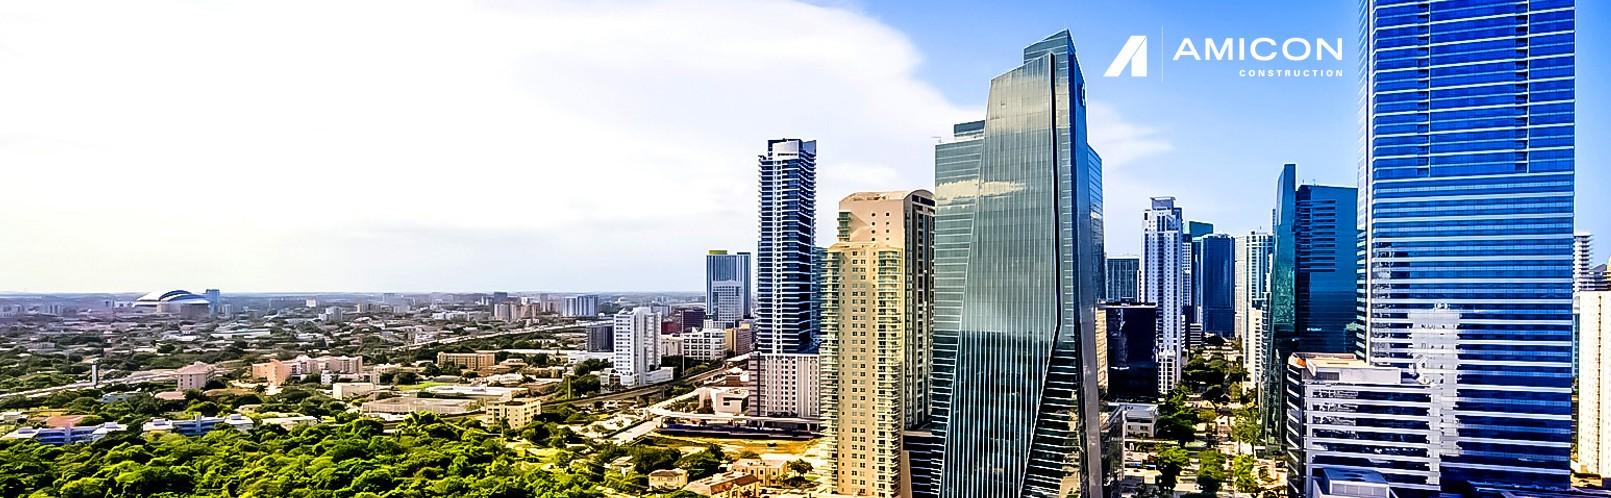 grande liquidazione servizio duraturo codice promozionale Amicon Construction | LinkedIn